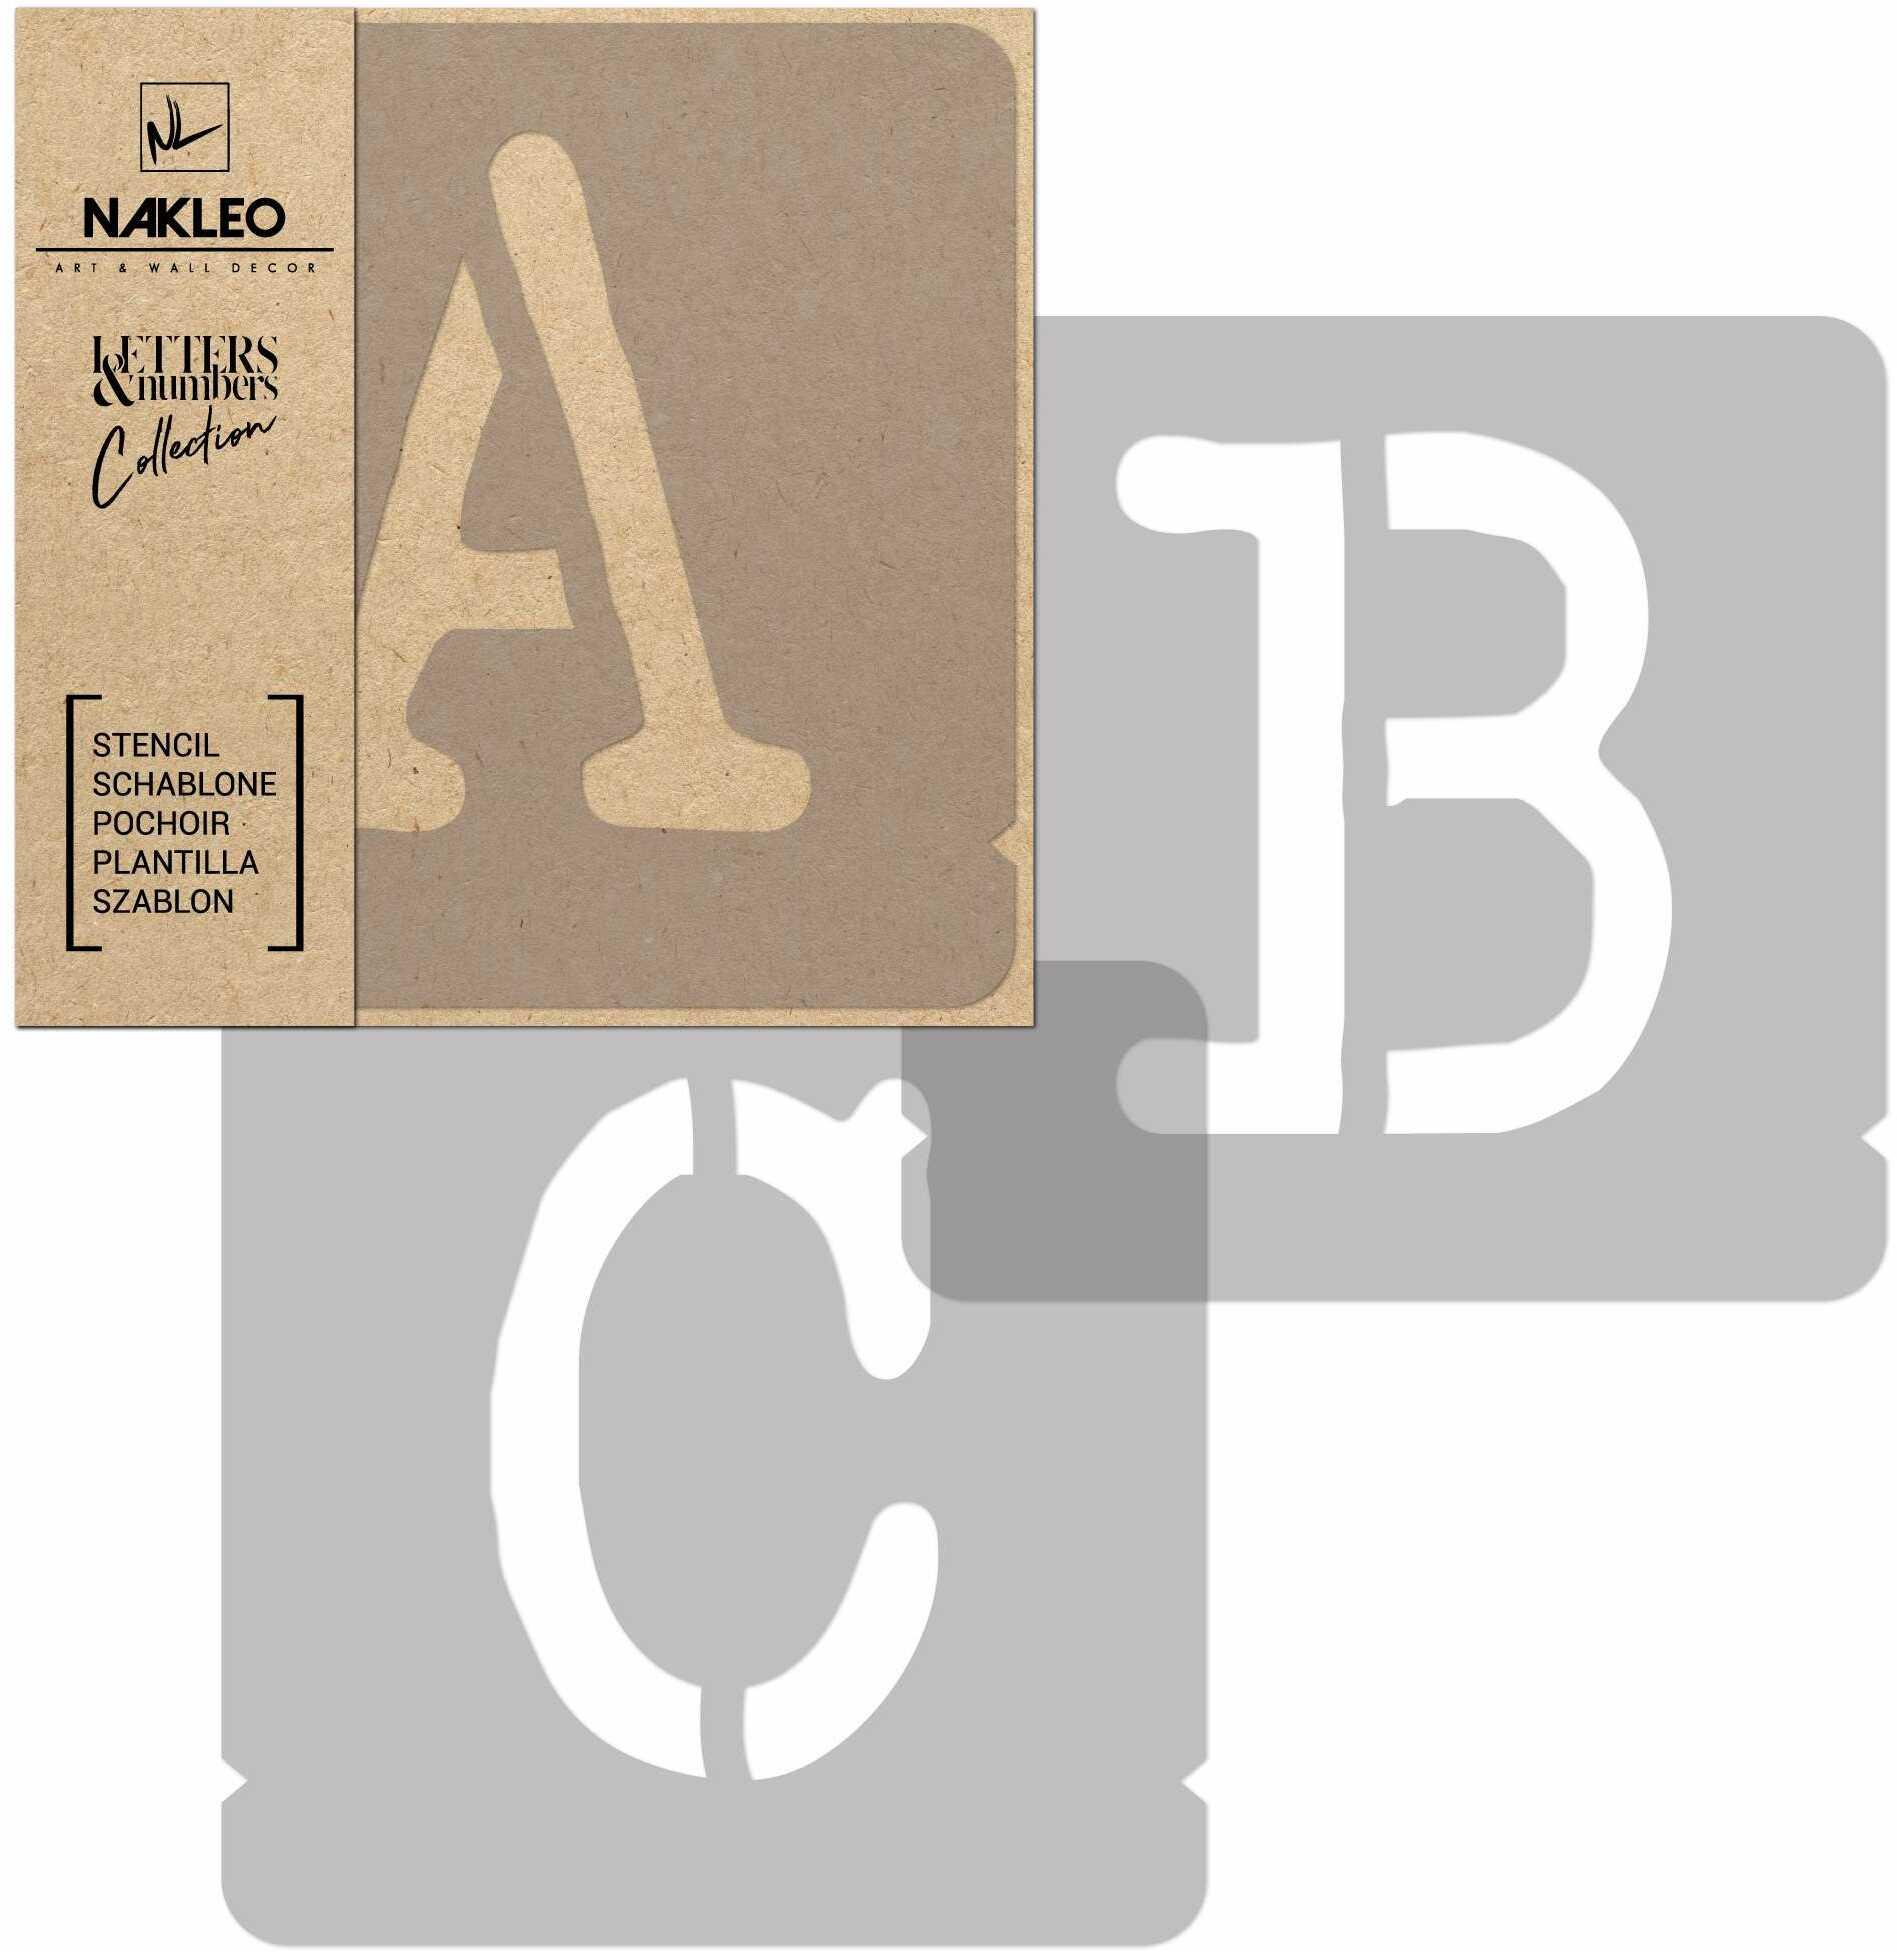 szablon malarski wielokrotny // litery i cyfry 70 mm // Typewriter Wielkie